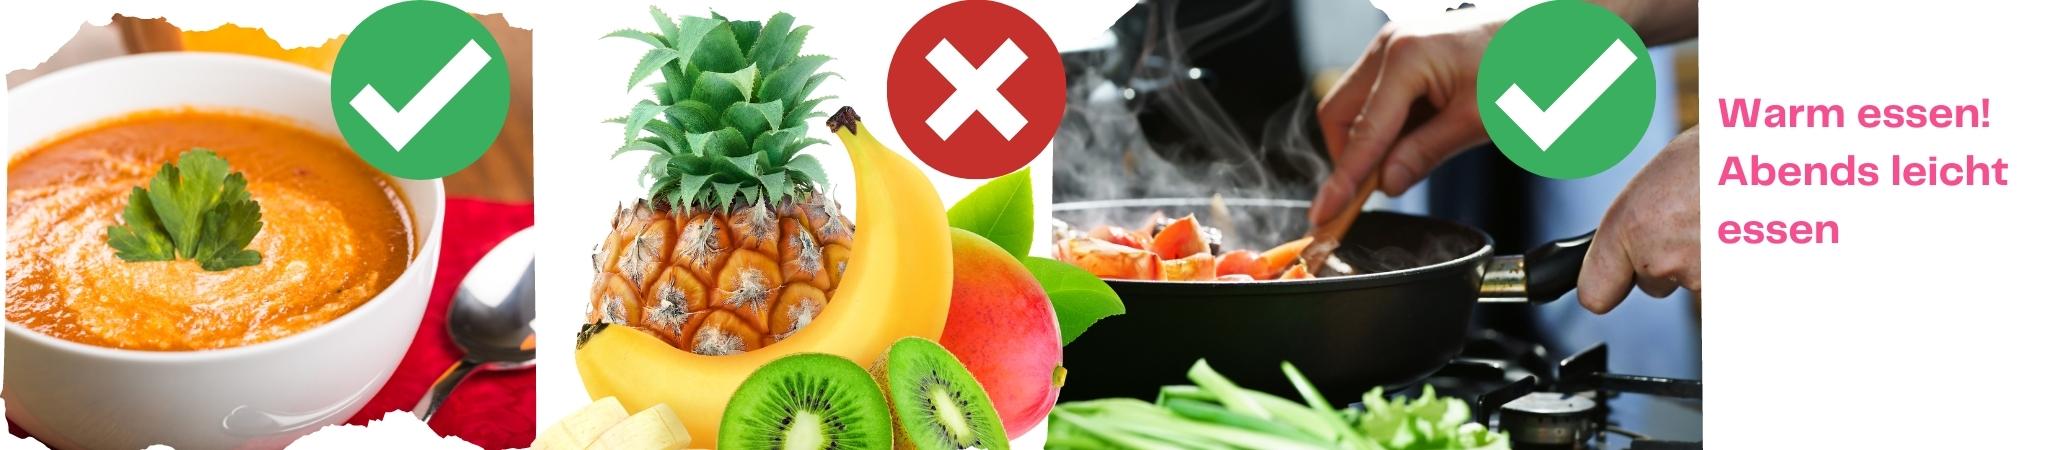 Warm und abends leicht esssen für die Gesundheit